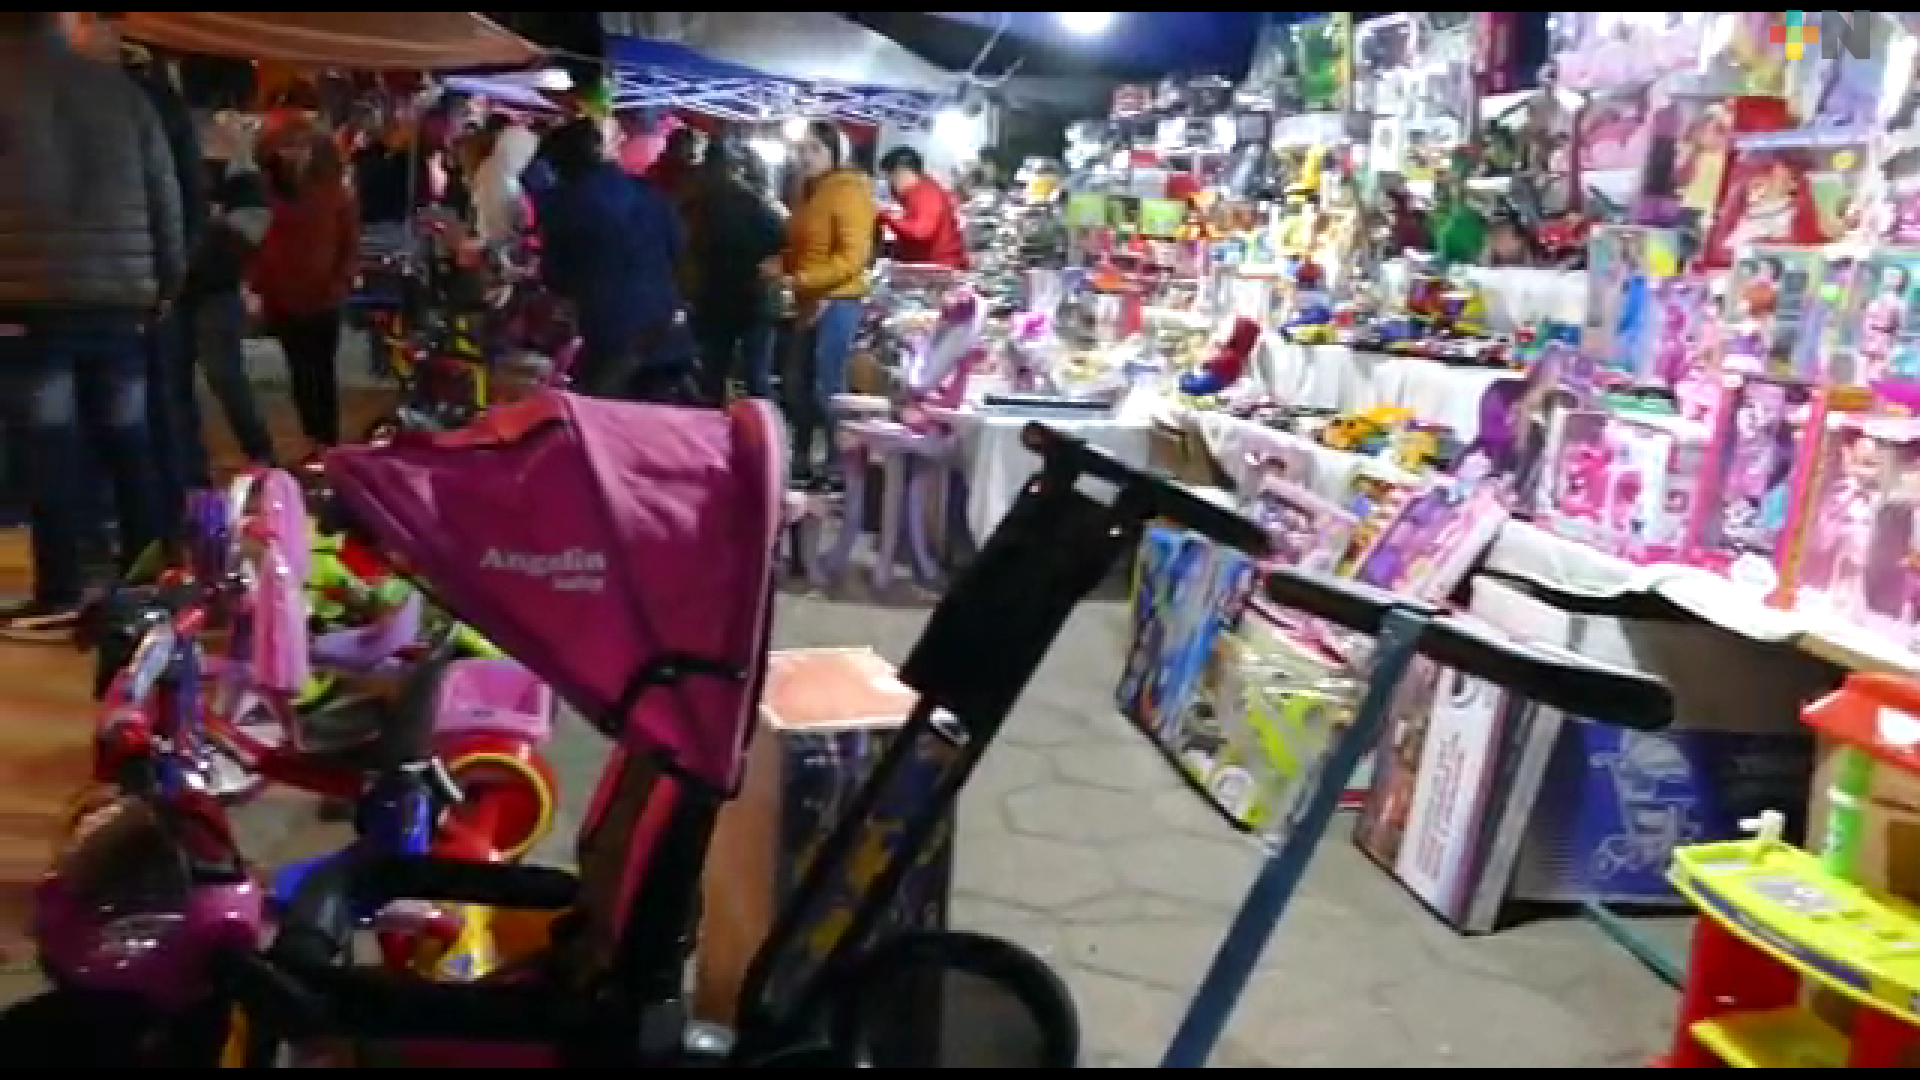 Bajas ventas en noche de Reyes reportan comerciantes de Huayacocotla